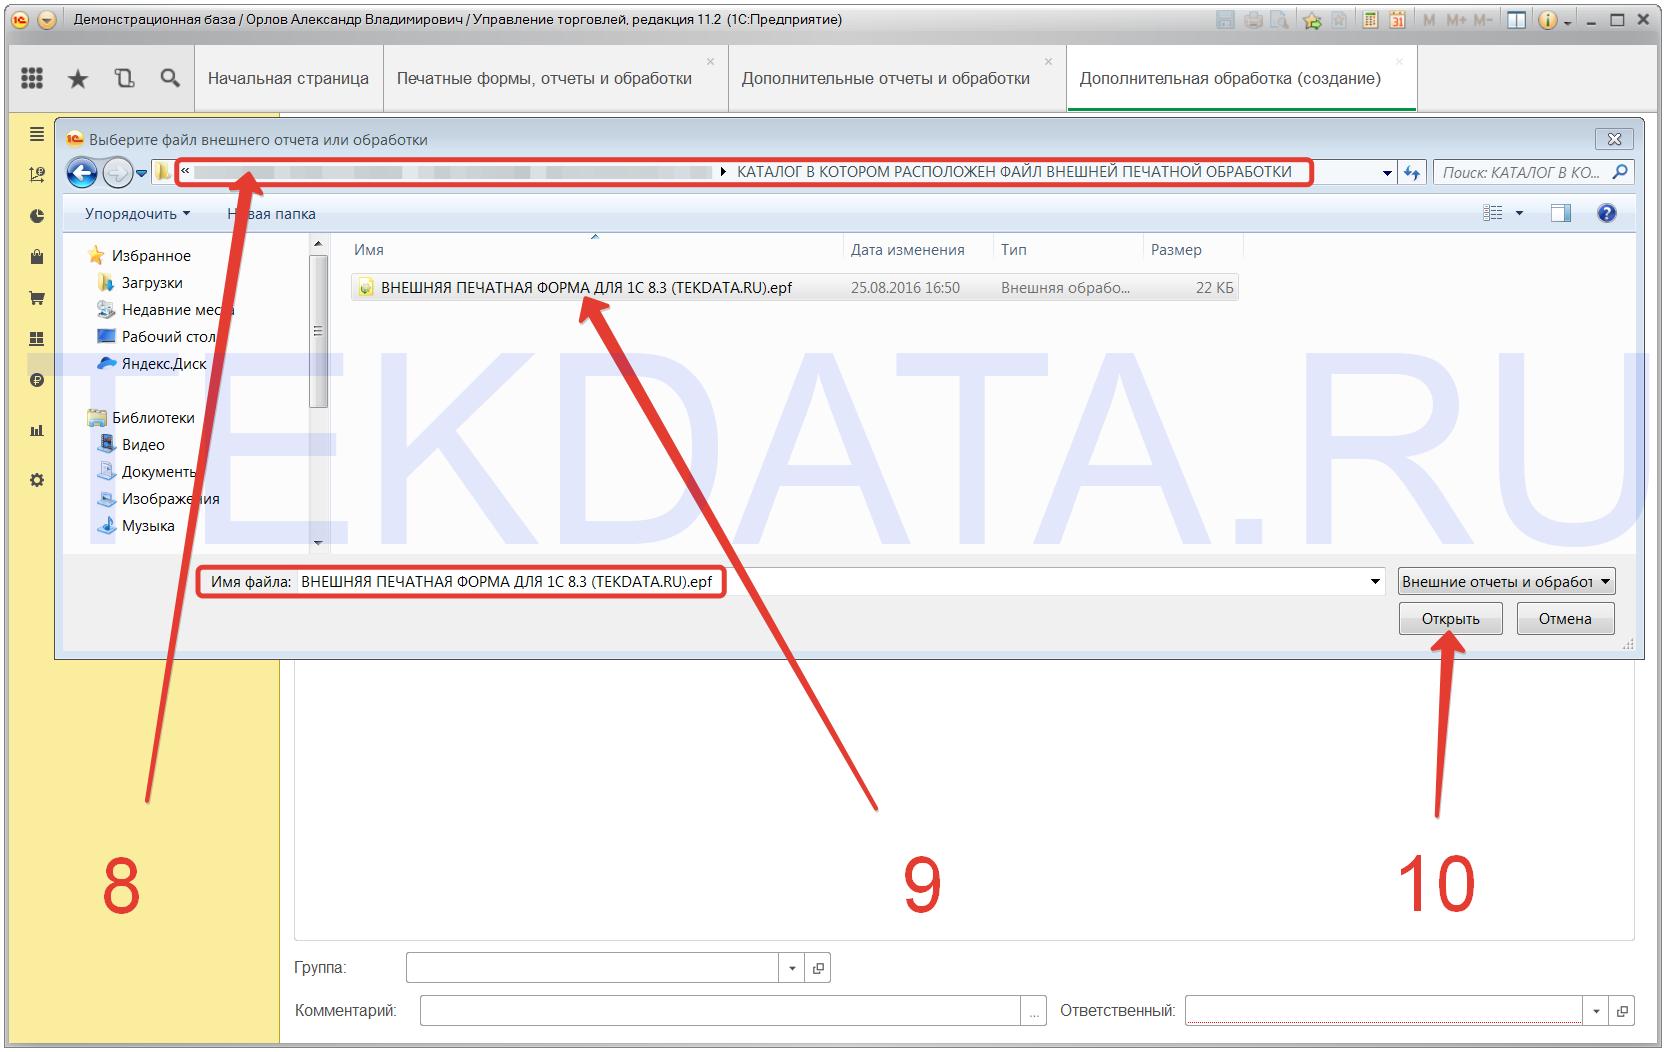 Подключение внешней печатной формы 1С 8.3 (Действия 8-9-10) | tekdata.ru